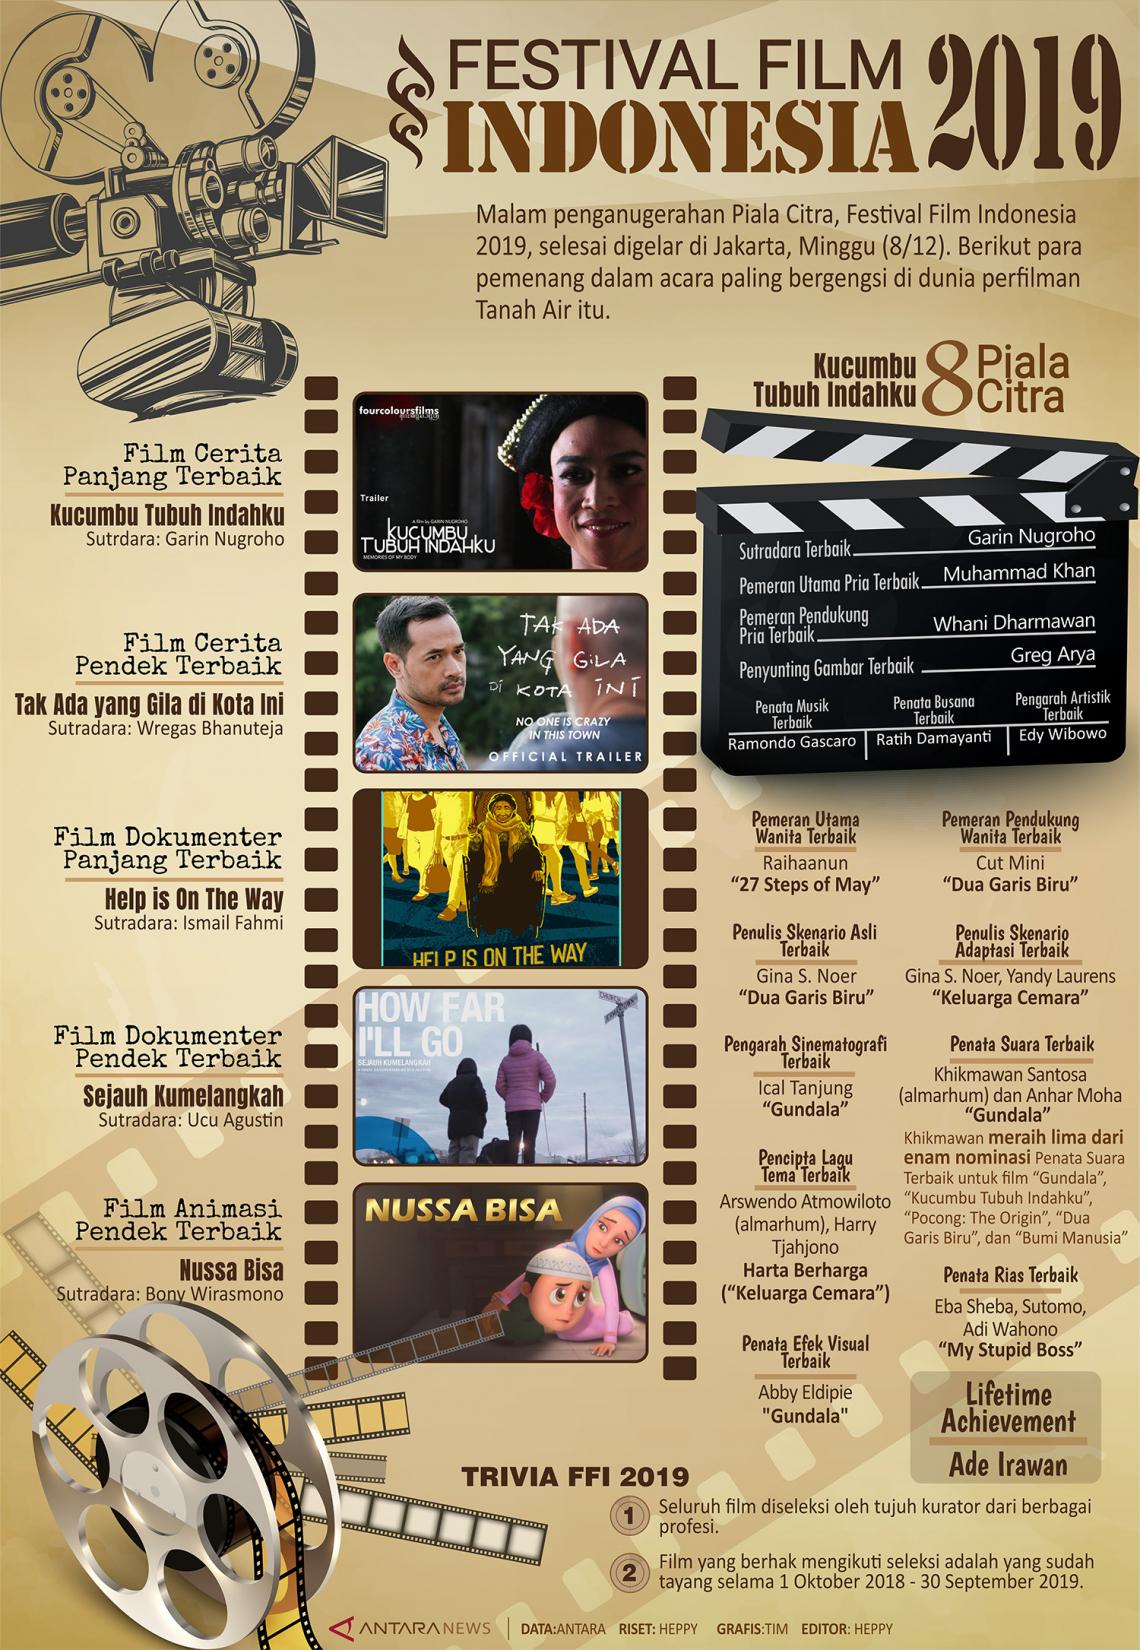 Festival Film Indonesia 2019